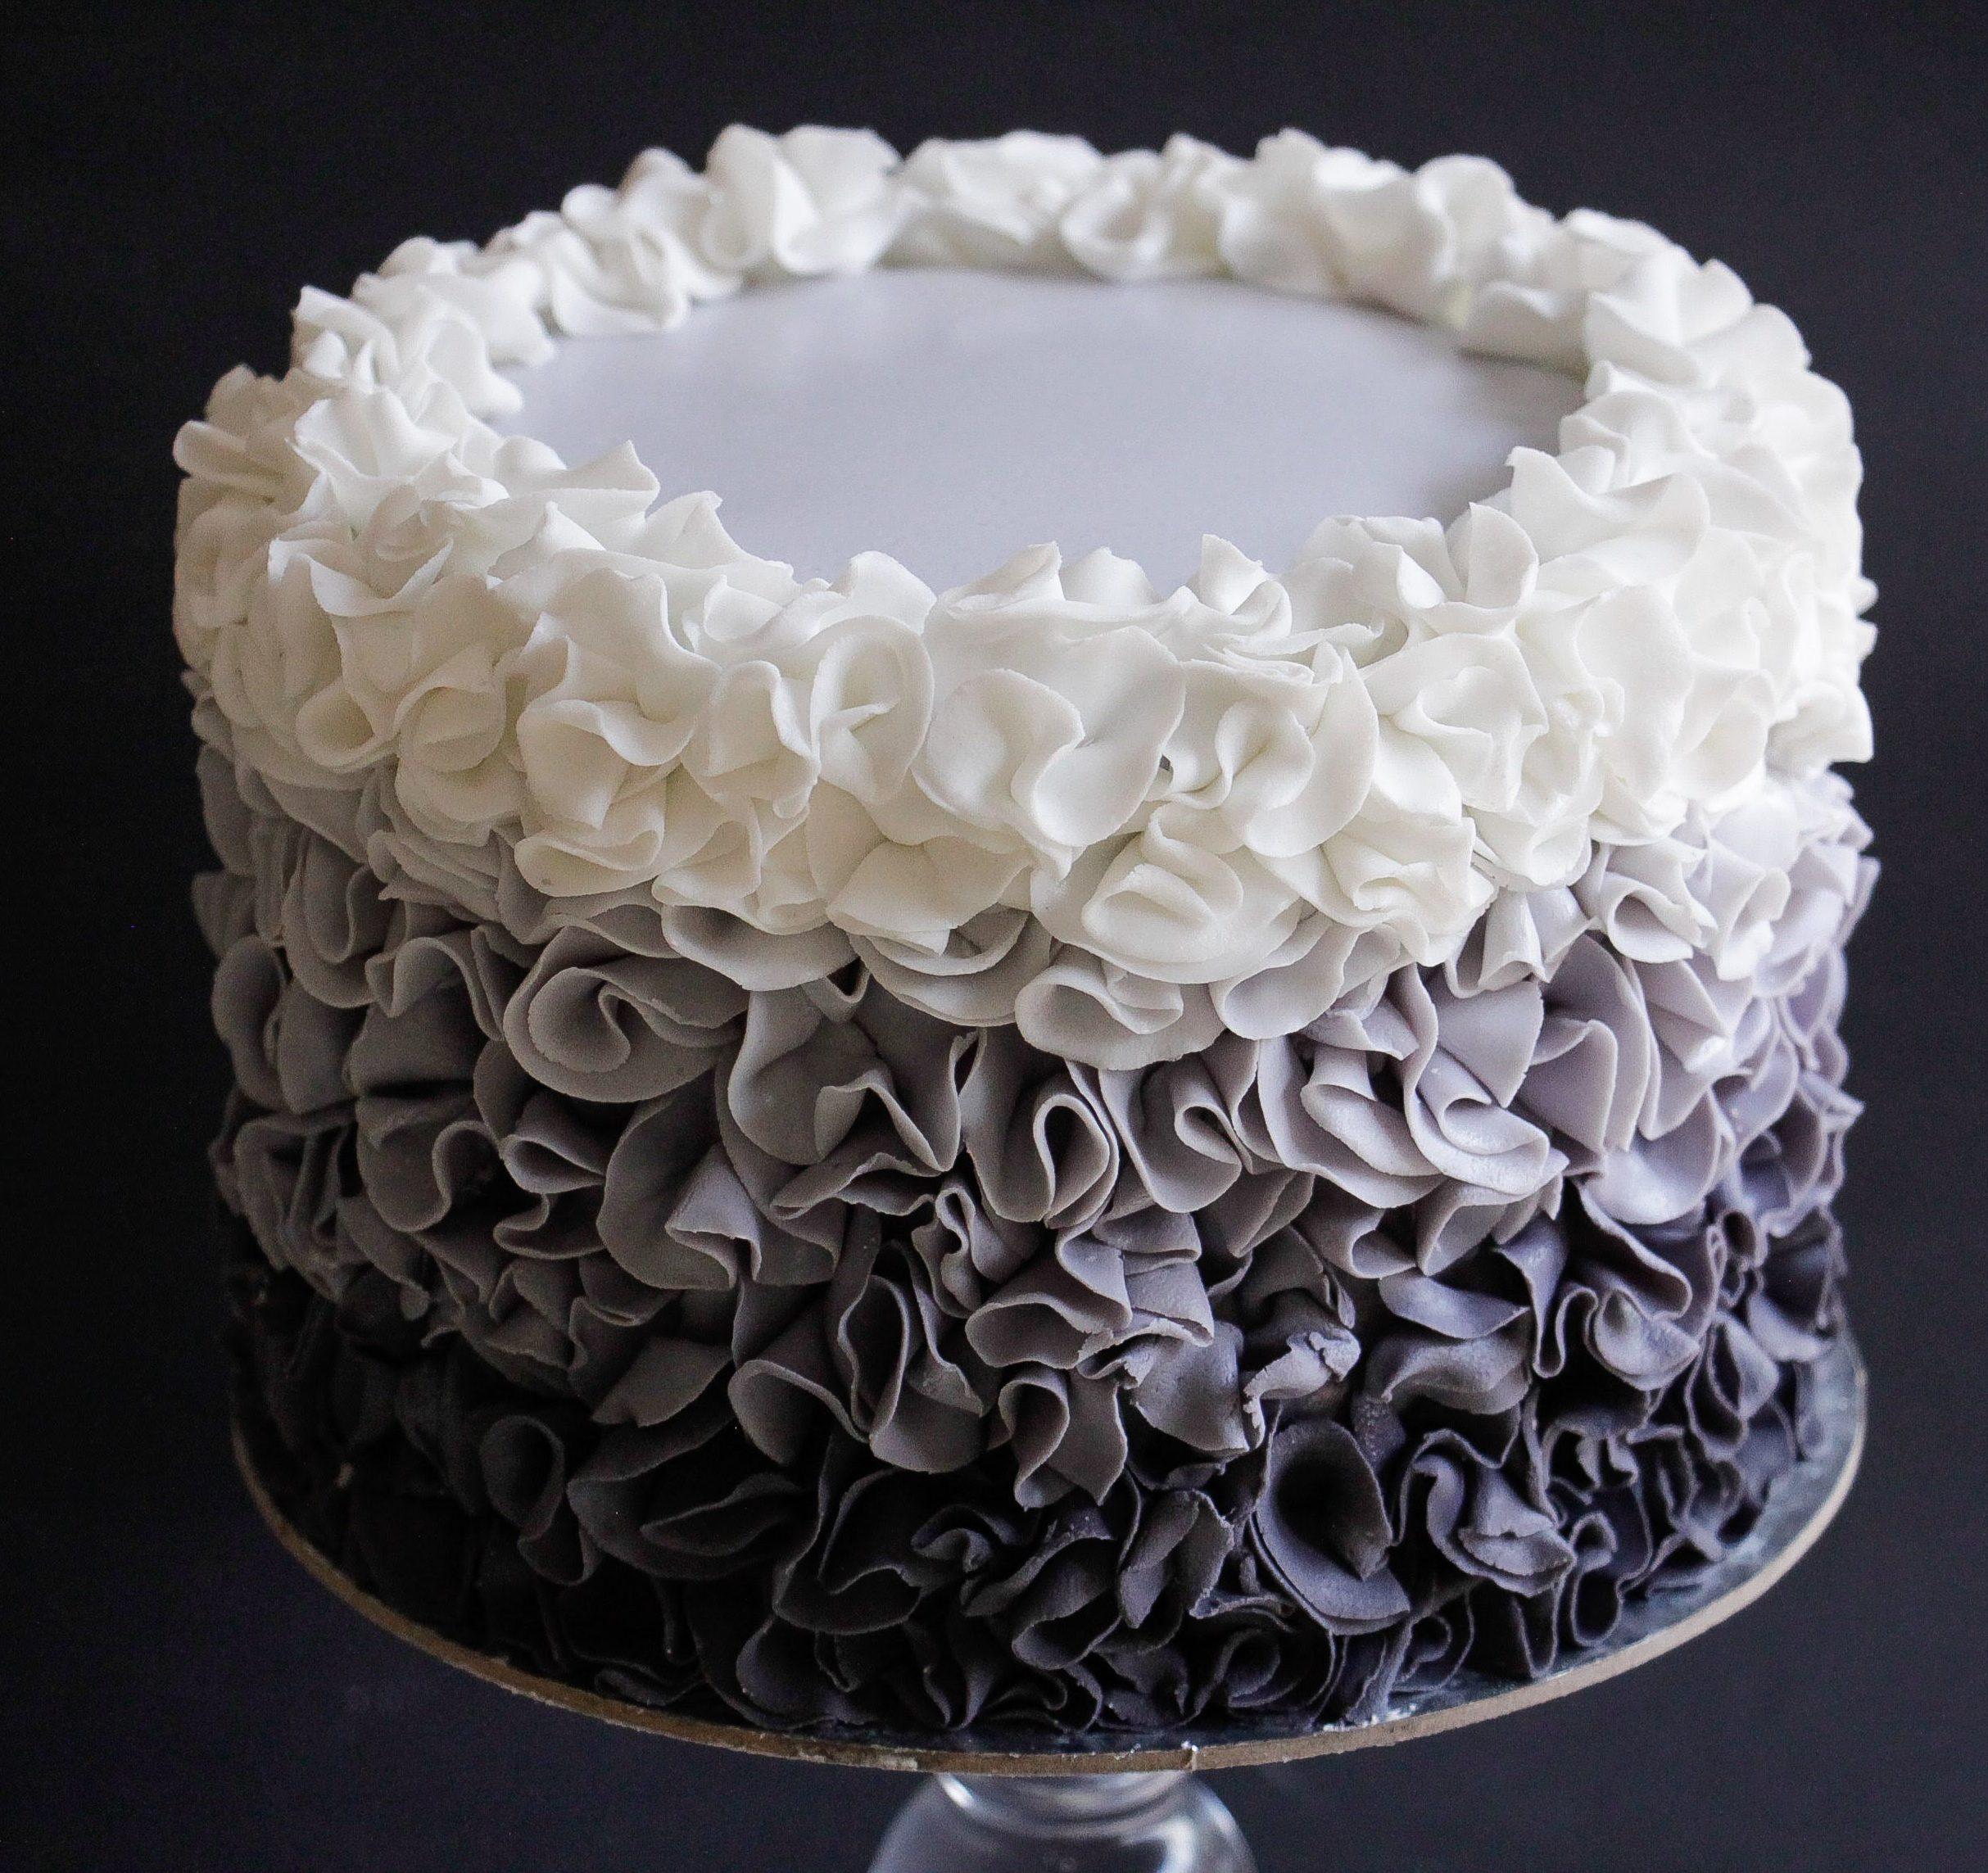 curso nuevas tendencias en decoracin de tortas